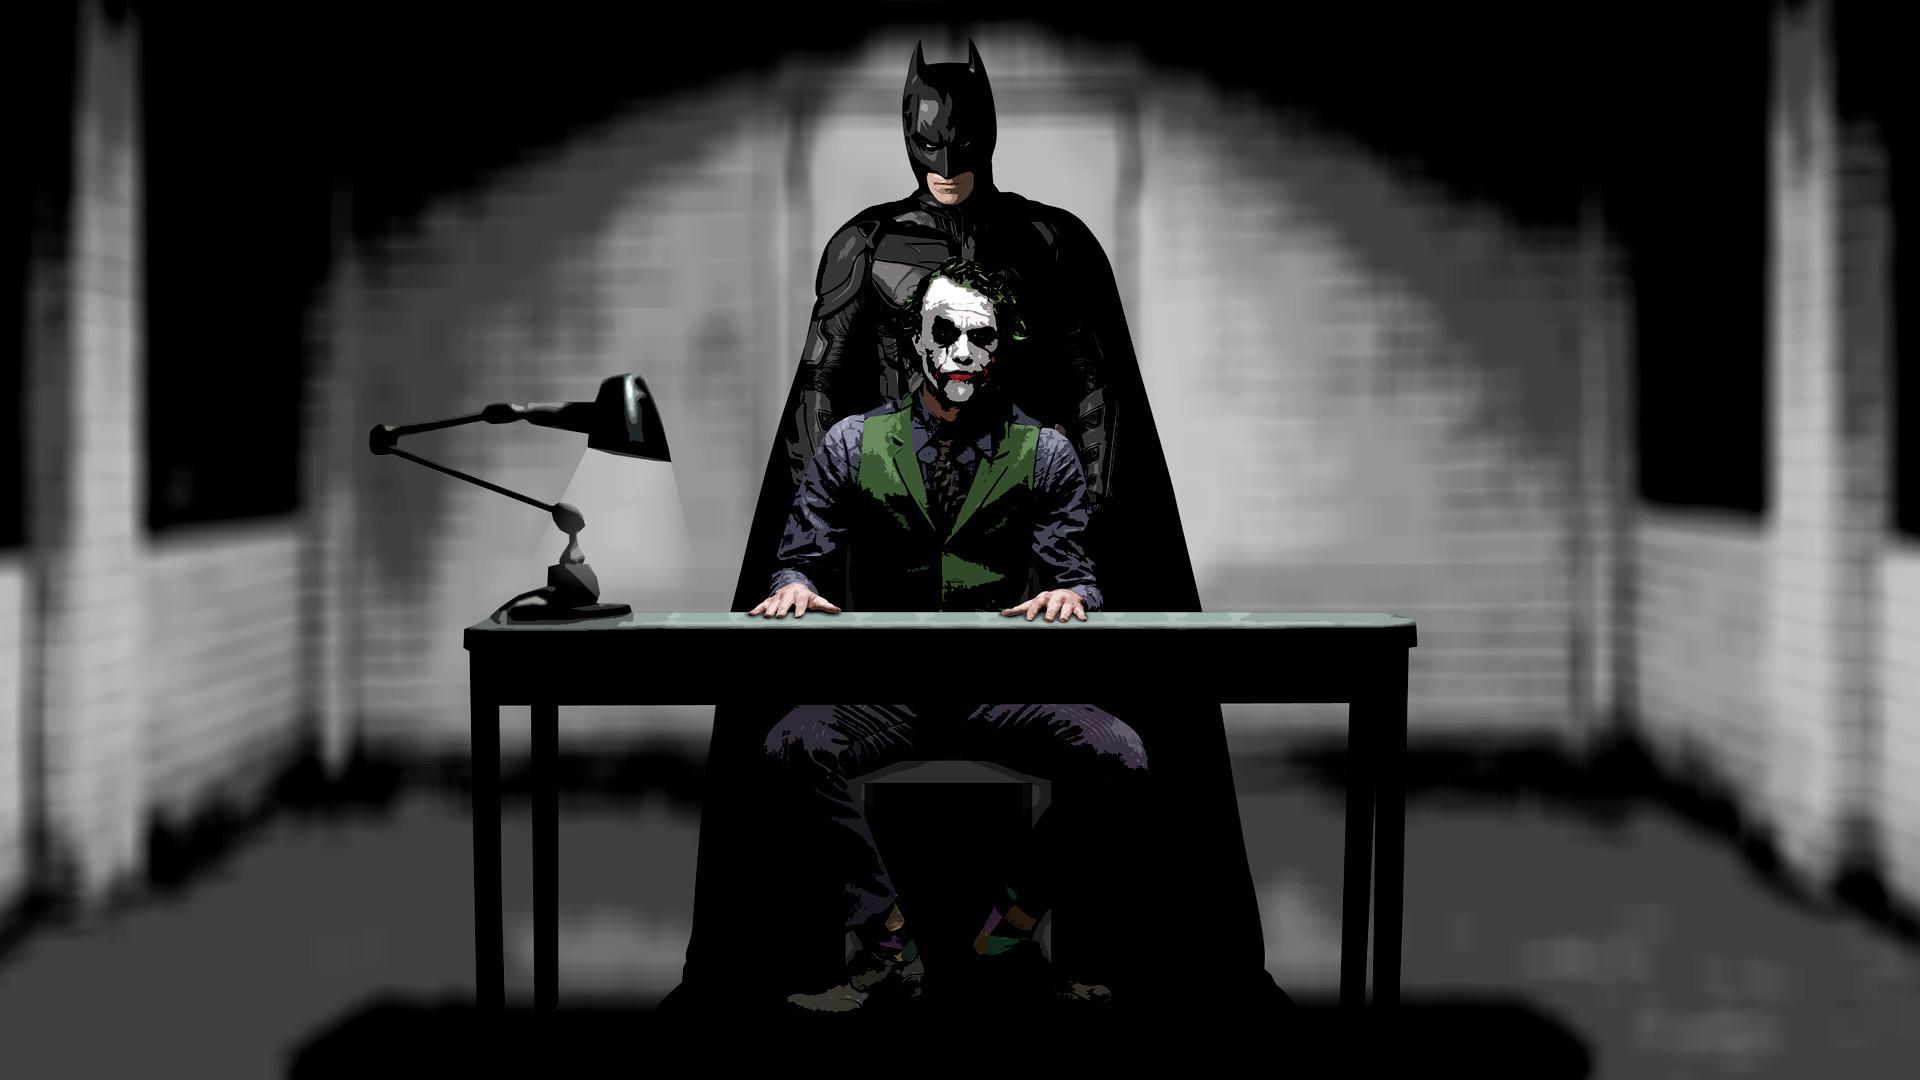 Joker HD Wallpapers 1080p – WallpaperSafari